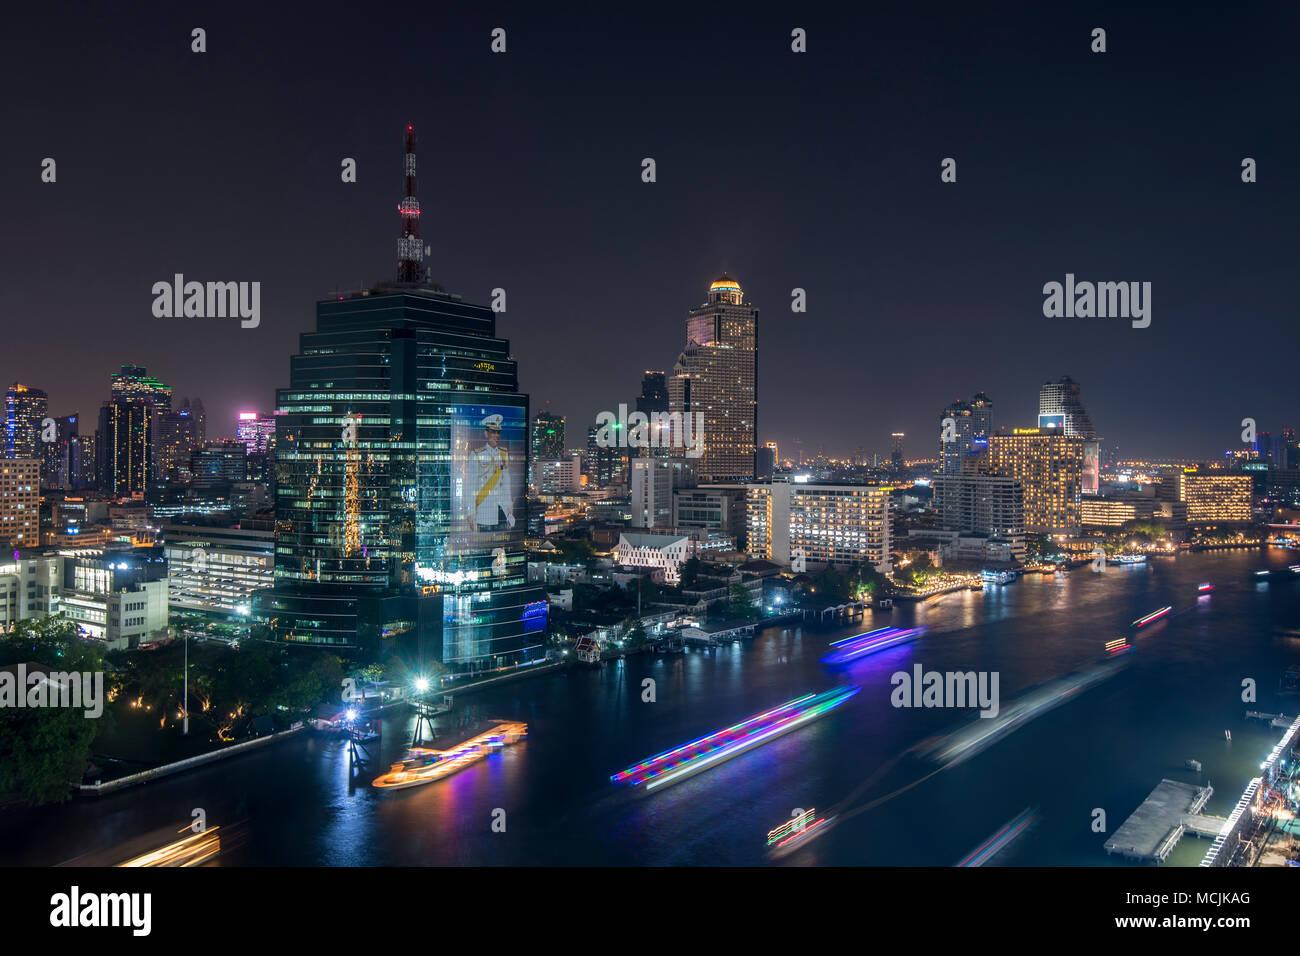 Vue sur la ville de Bangkok de nuit, vue de la ville et rivière, Lebua State Tower, Bangkok, Thaïlande Photo Stock